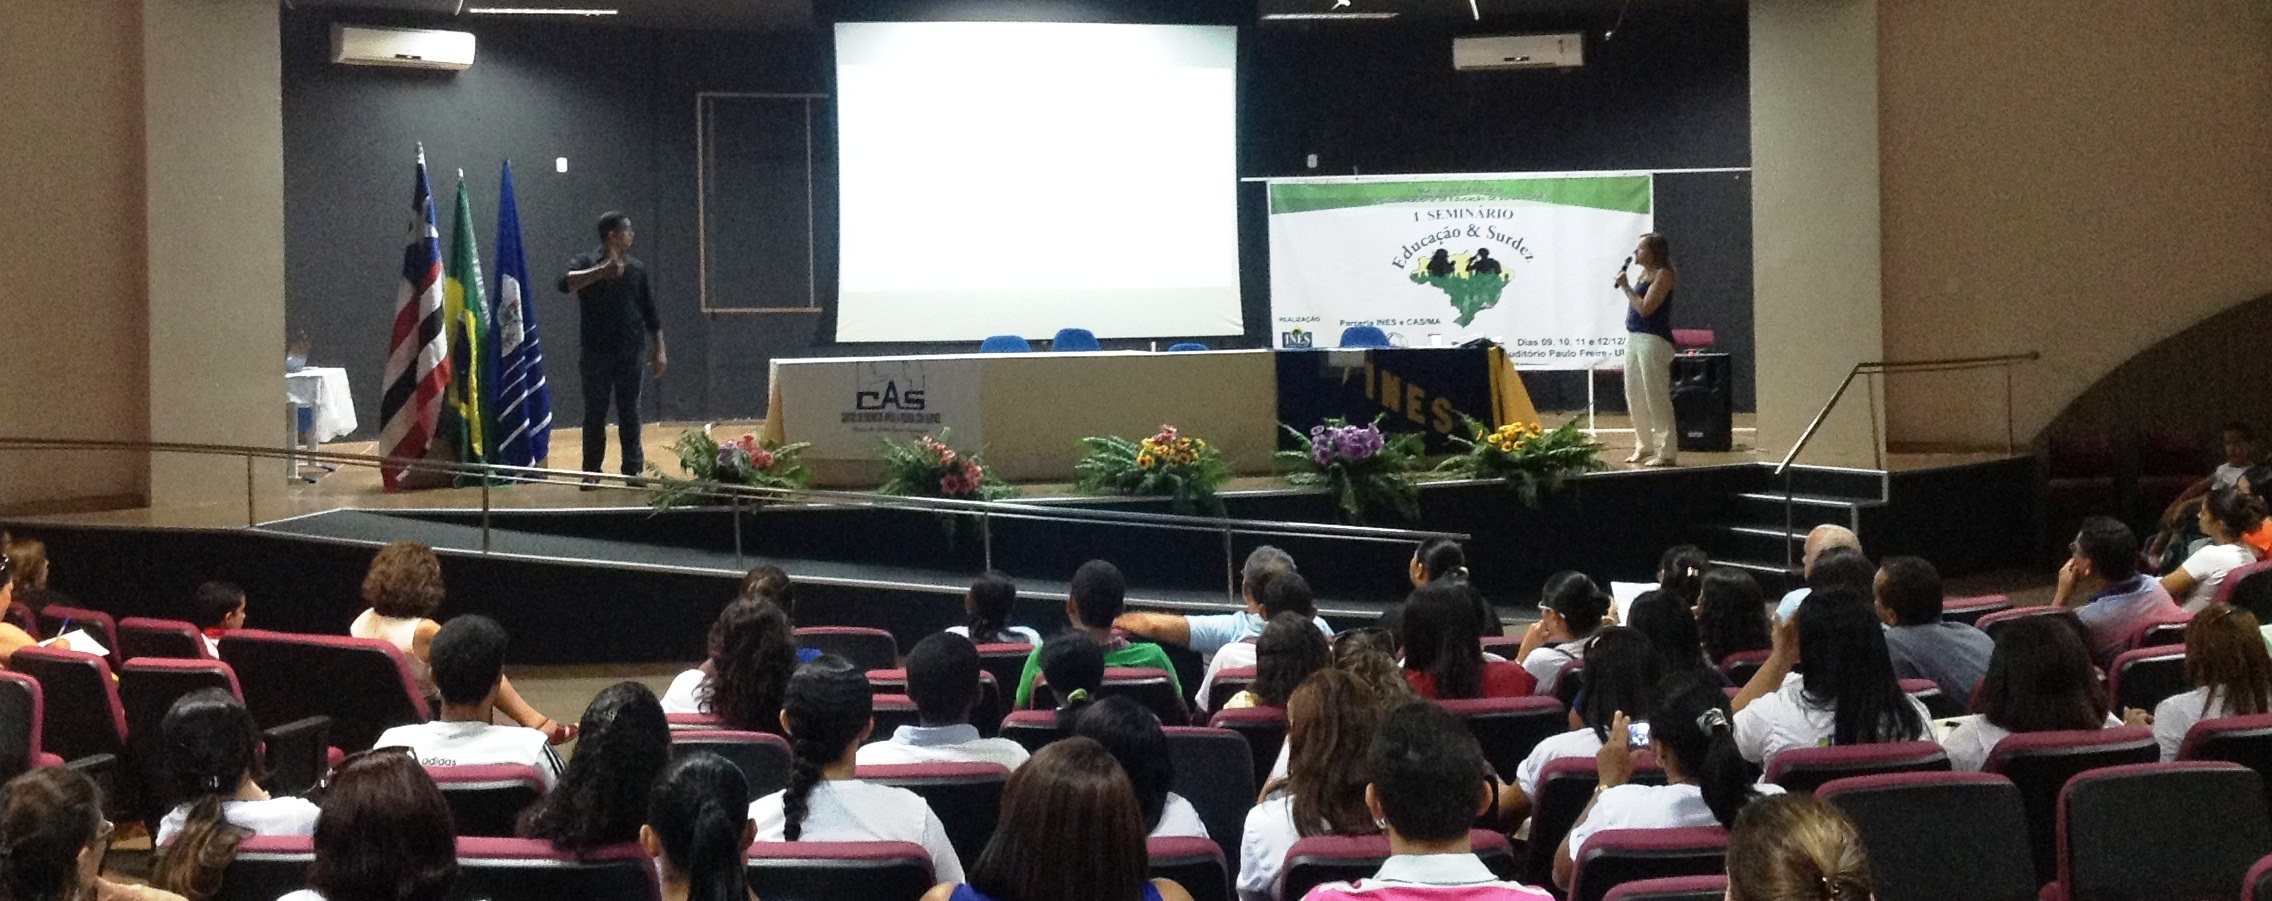 INES sorteia municípios que receberão seminários em outubro e novembro; confira o resultado e a retificação